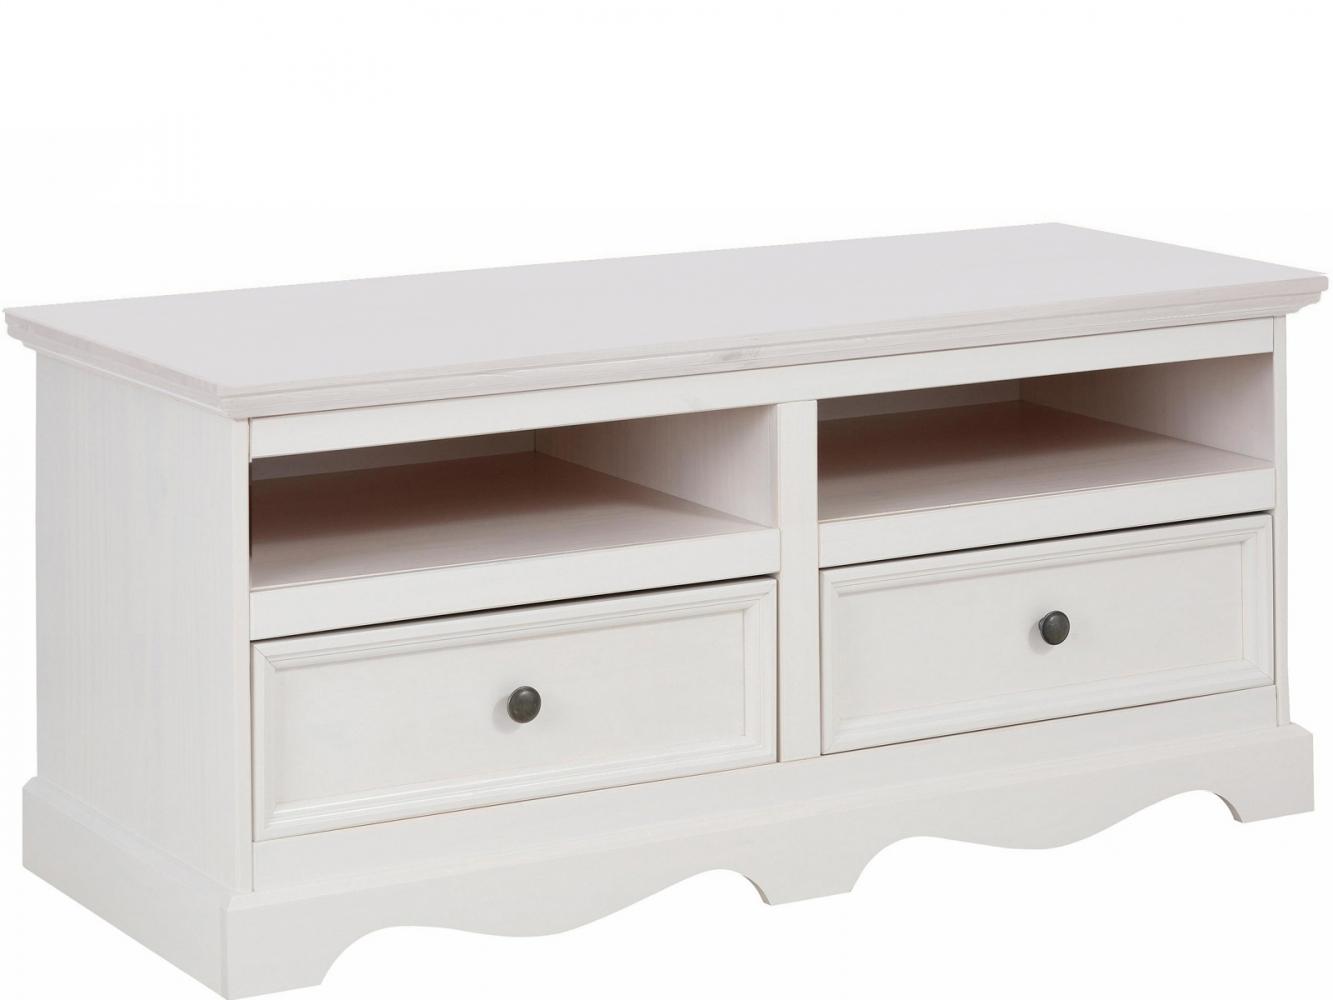 Tv stolek Meliss, 120 cm, bílá